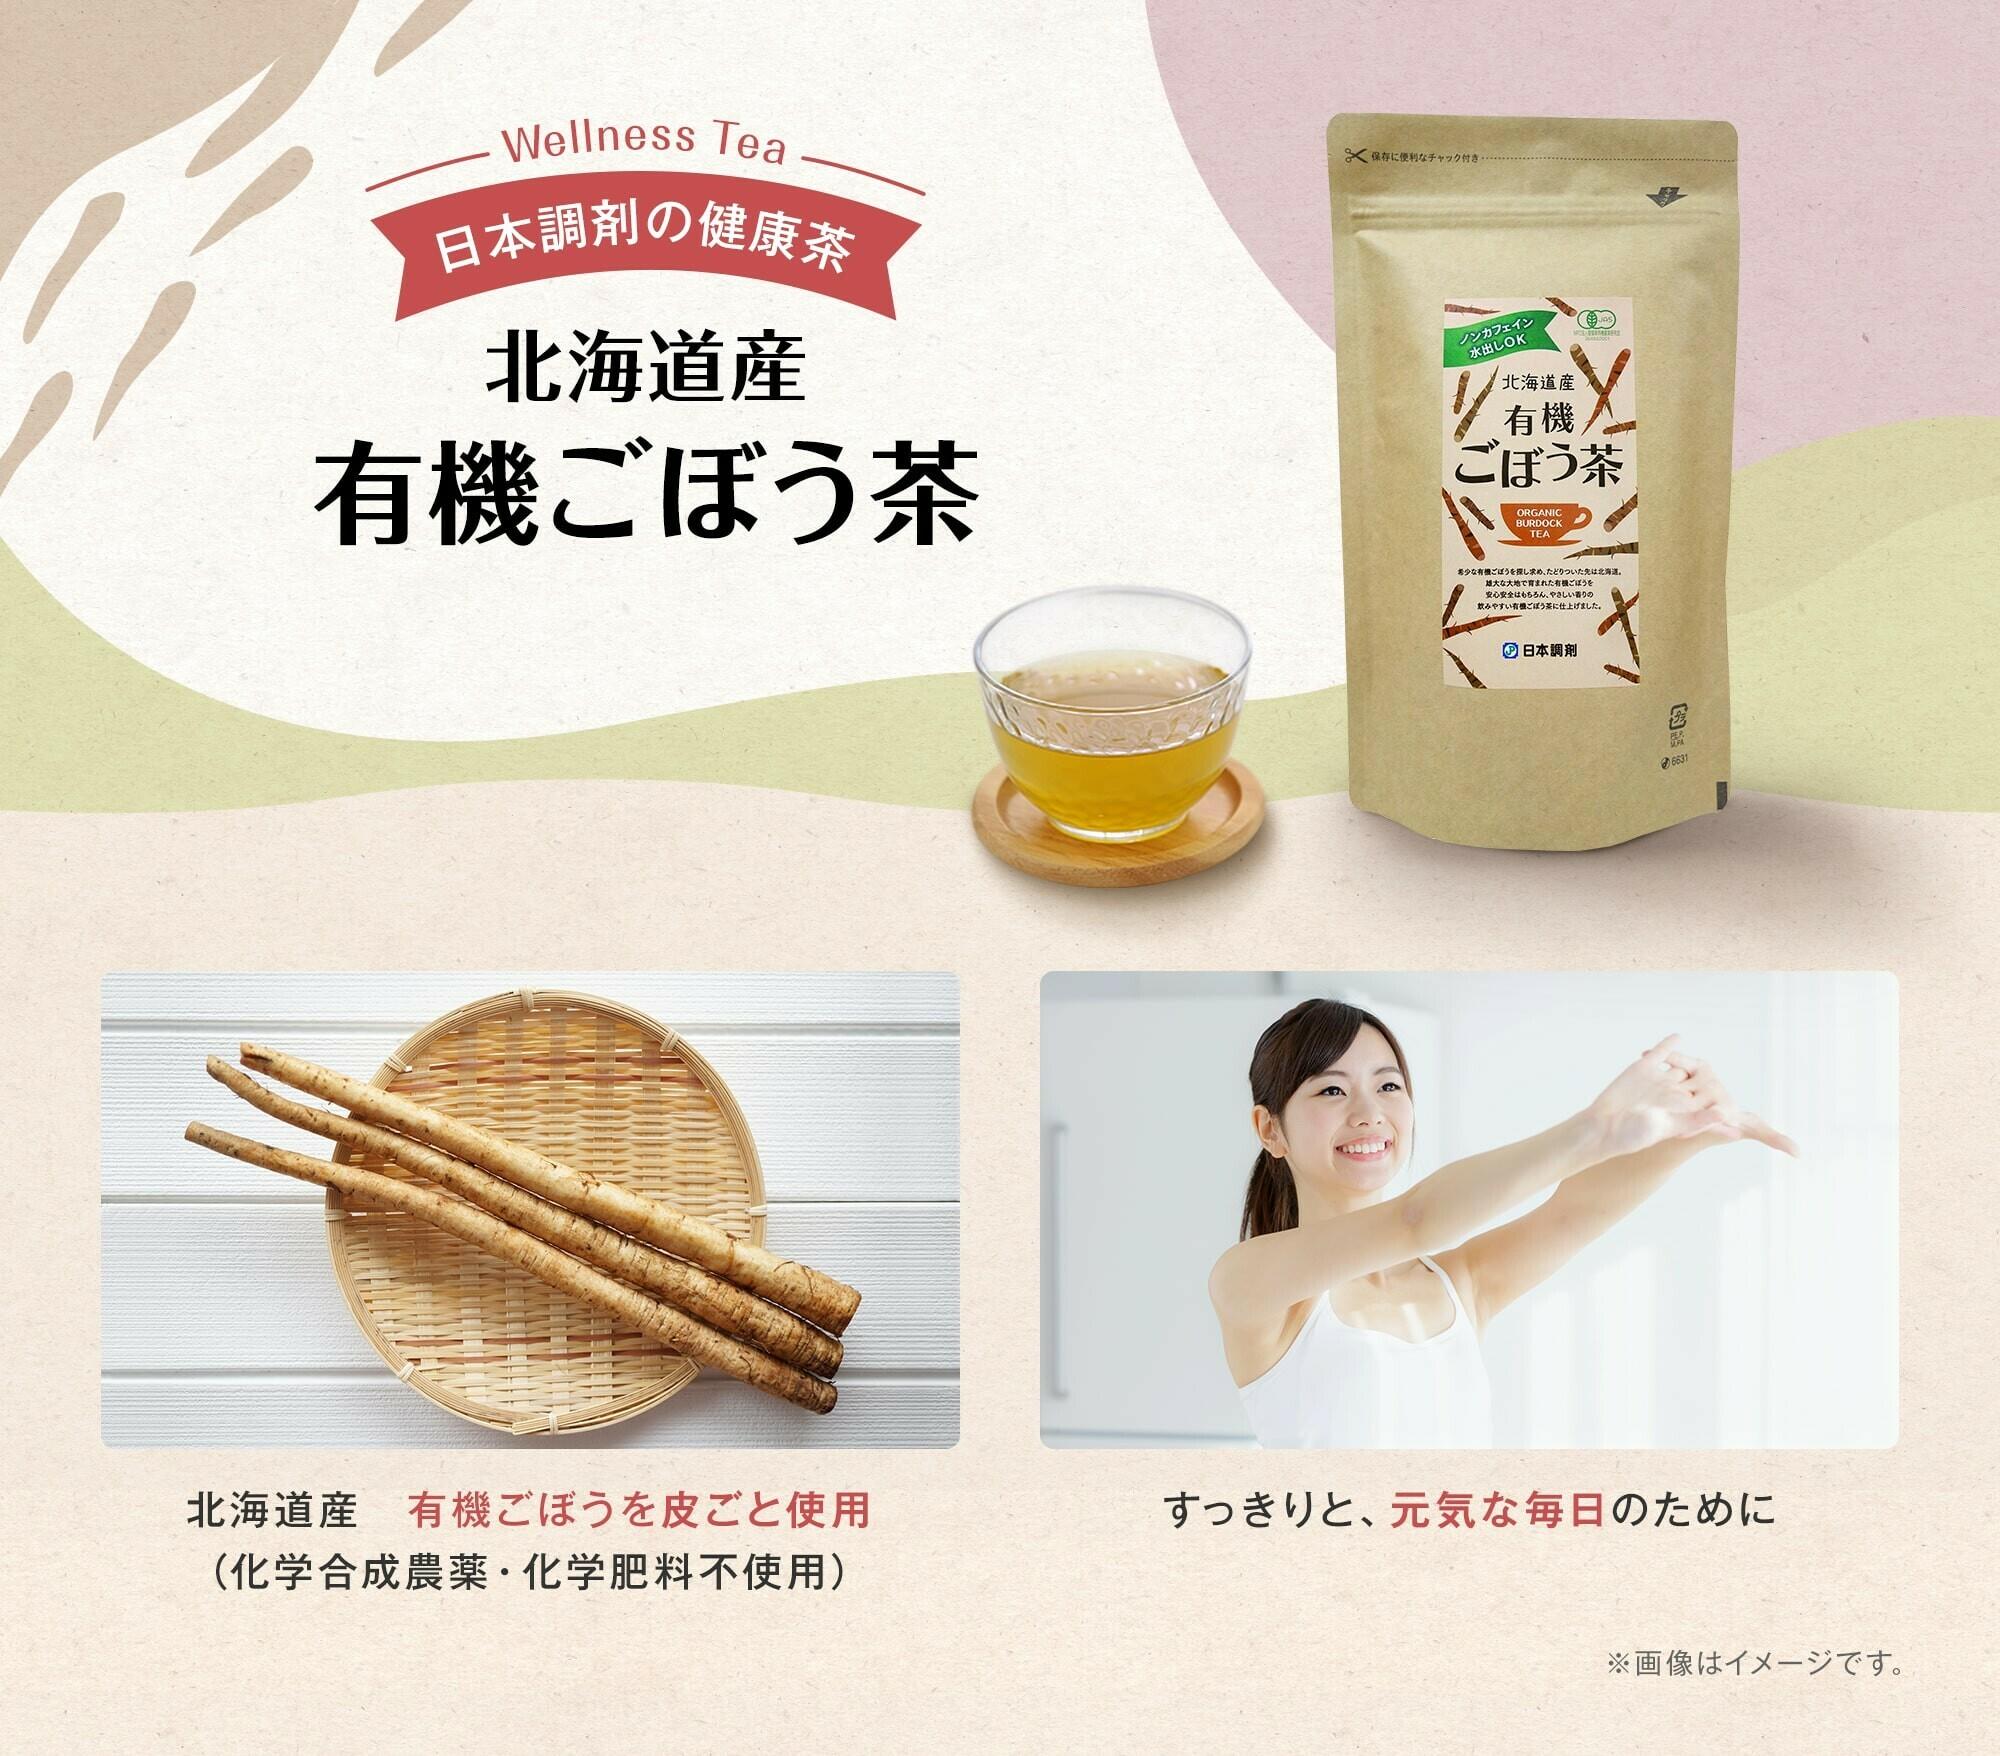 有機ごぼう茶 40袋|日本調剤オンラインストア